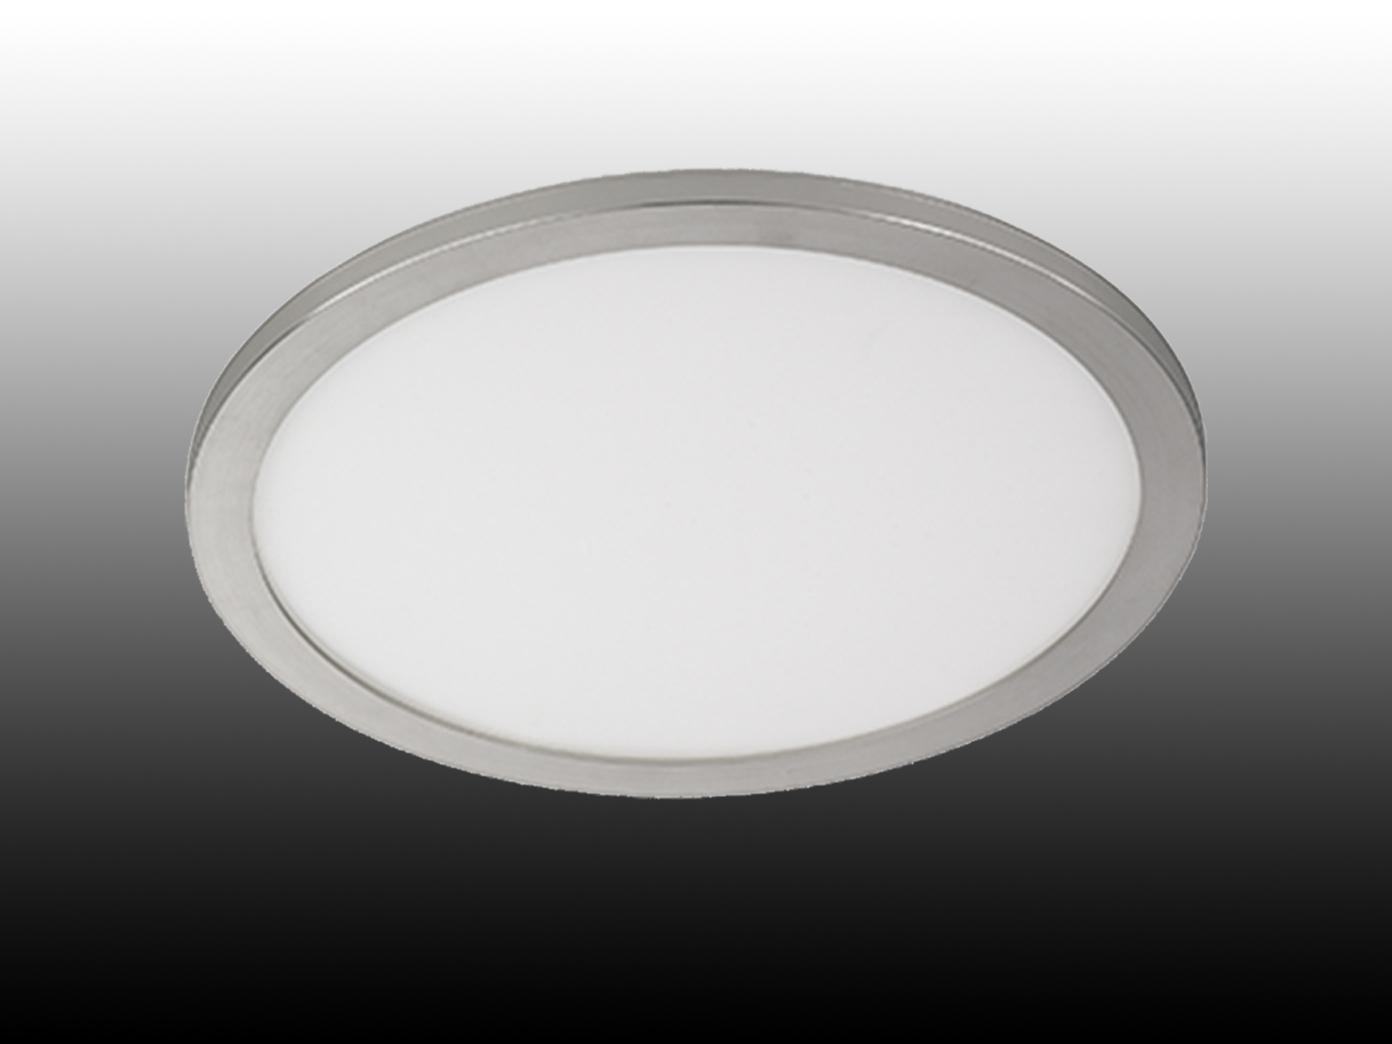 Flache LED Innenleuchte für das Badezimmer, große Deckenlampe, Ø 60cm,  dimmbar - yatego.com